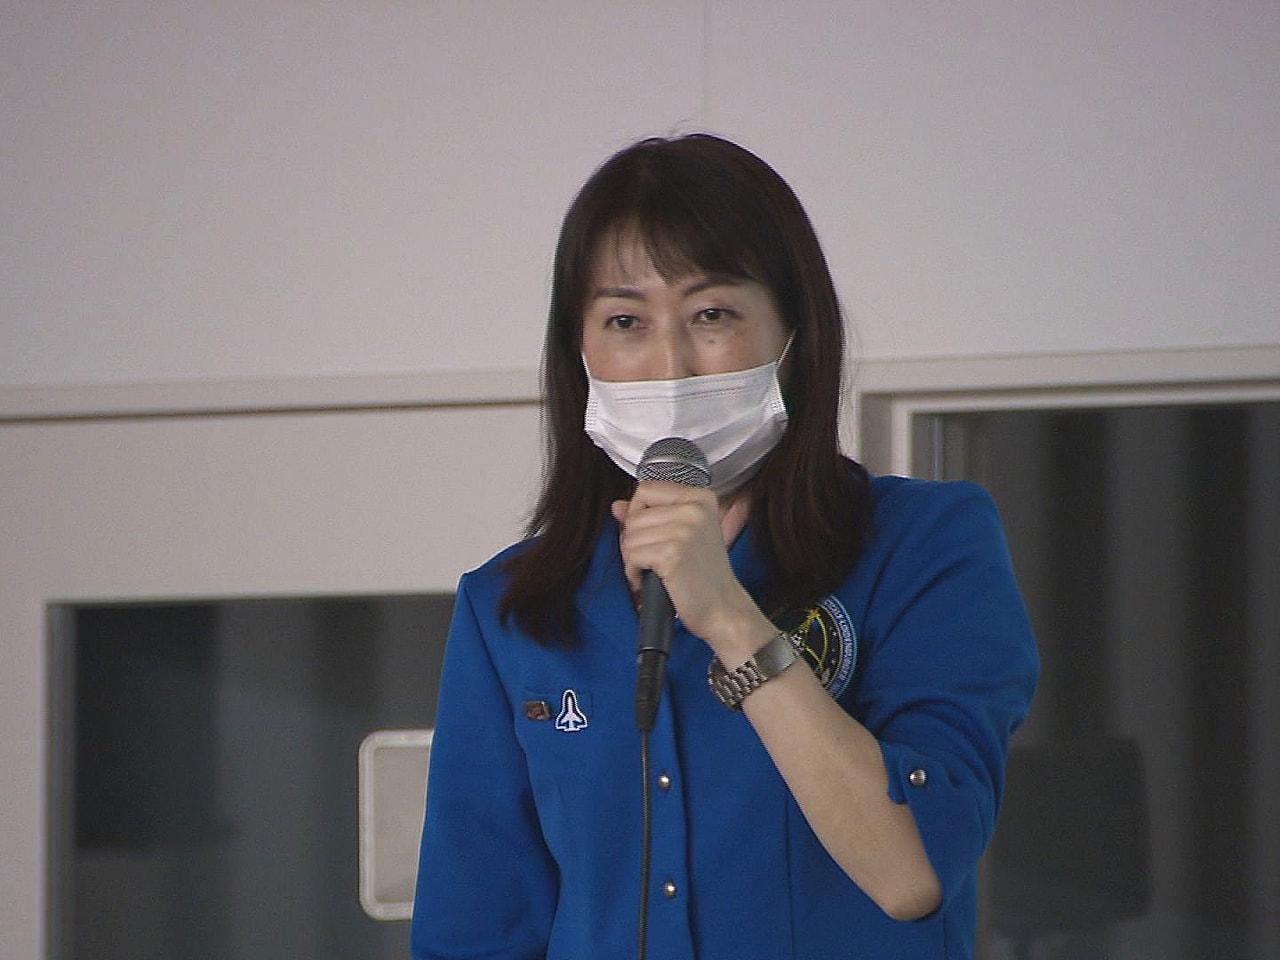 宇宙飛行士の山崎直子さんが、「岐阜かかみがはら航空宇宙博物館」で講演し、宇宙での...